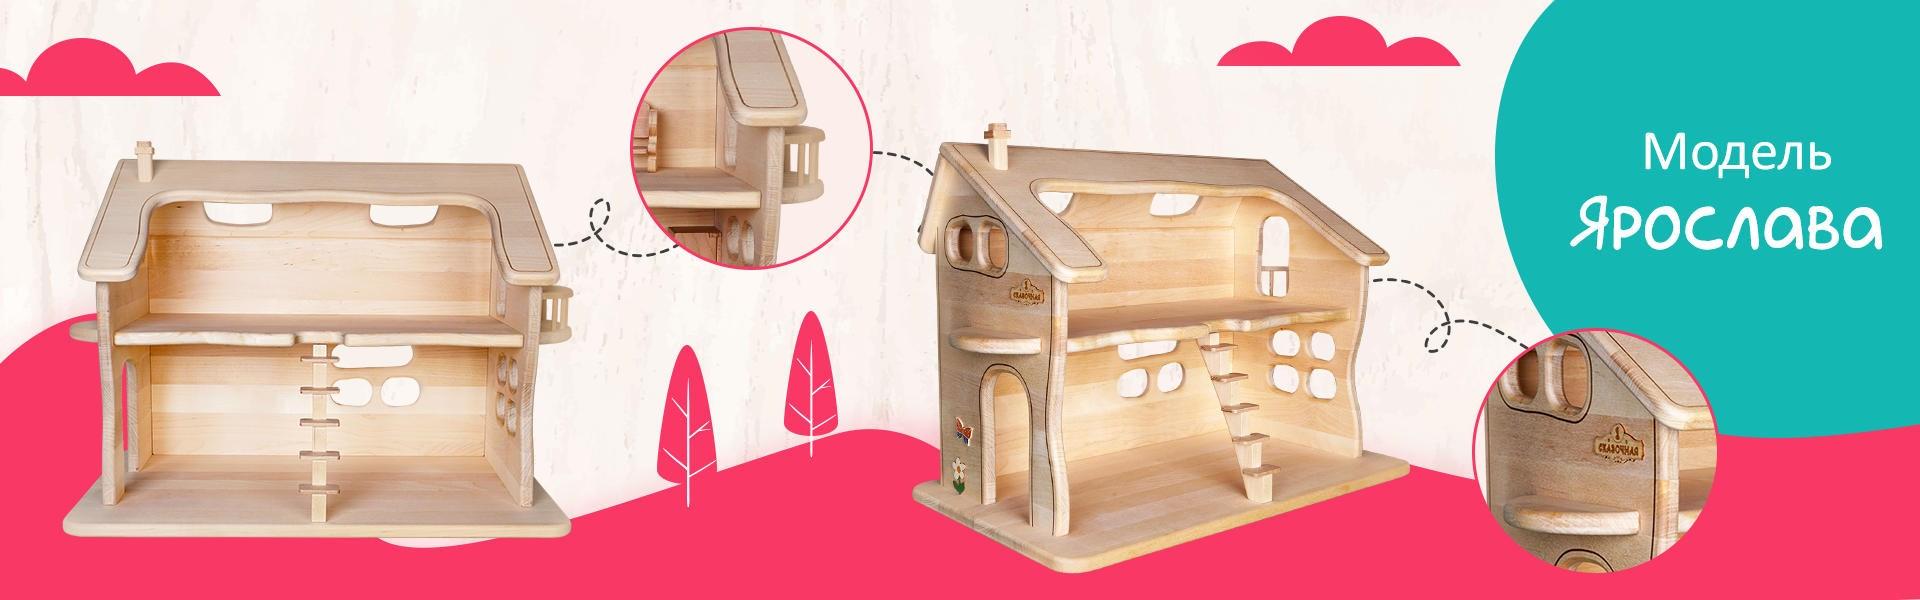 Кукольный домик ЯРОСЛАВА - фото 5260